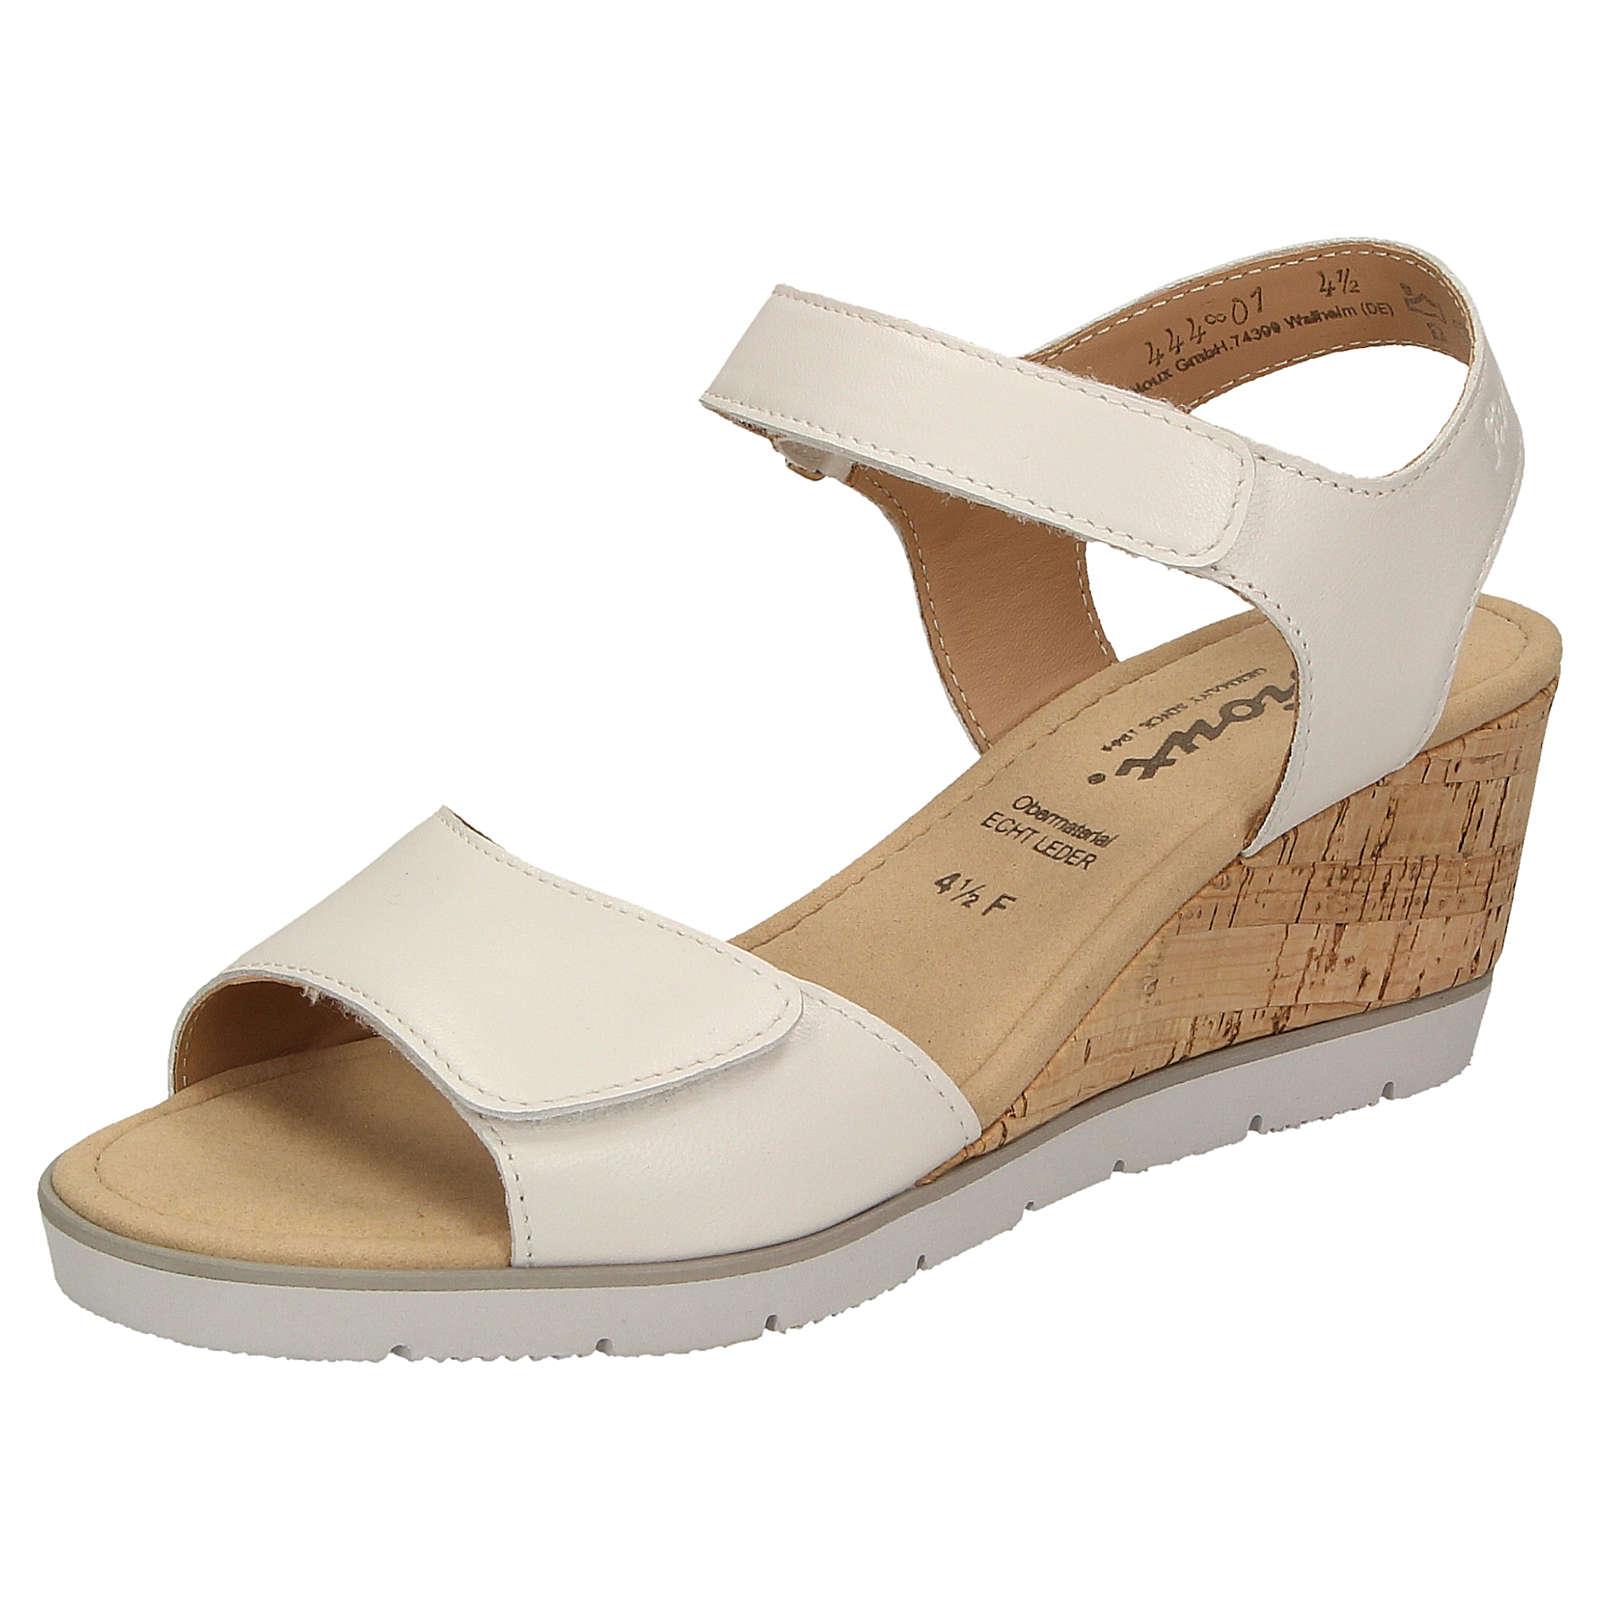 Sioux Sandale Filomia-700 Klassische Sandalen weiß Damen Gr. 37,5